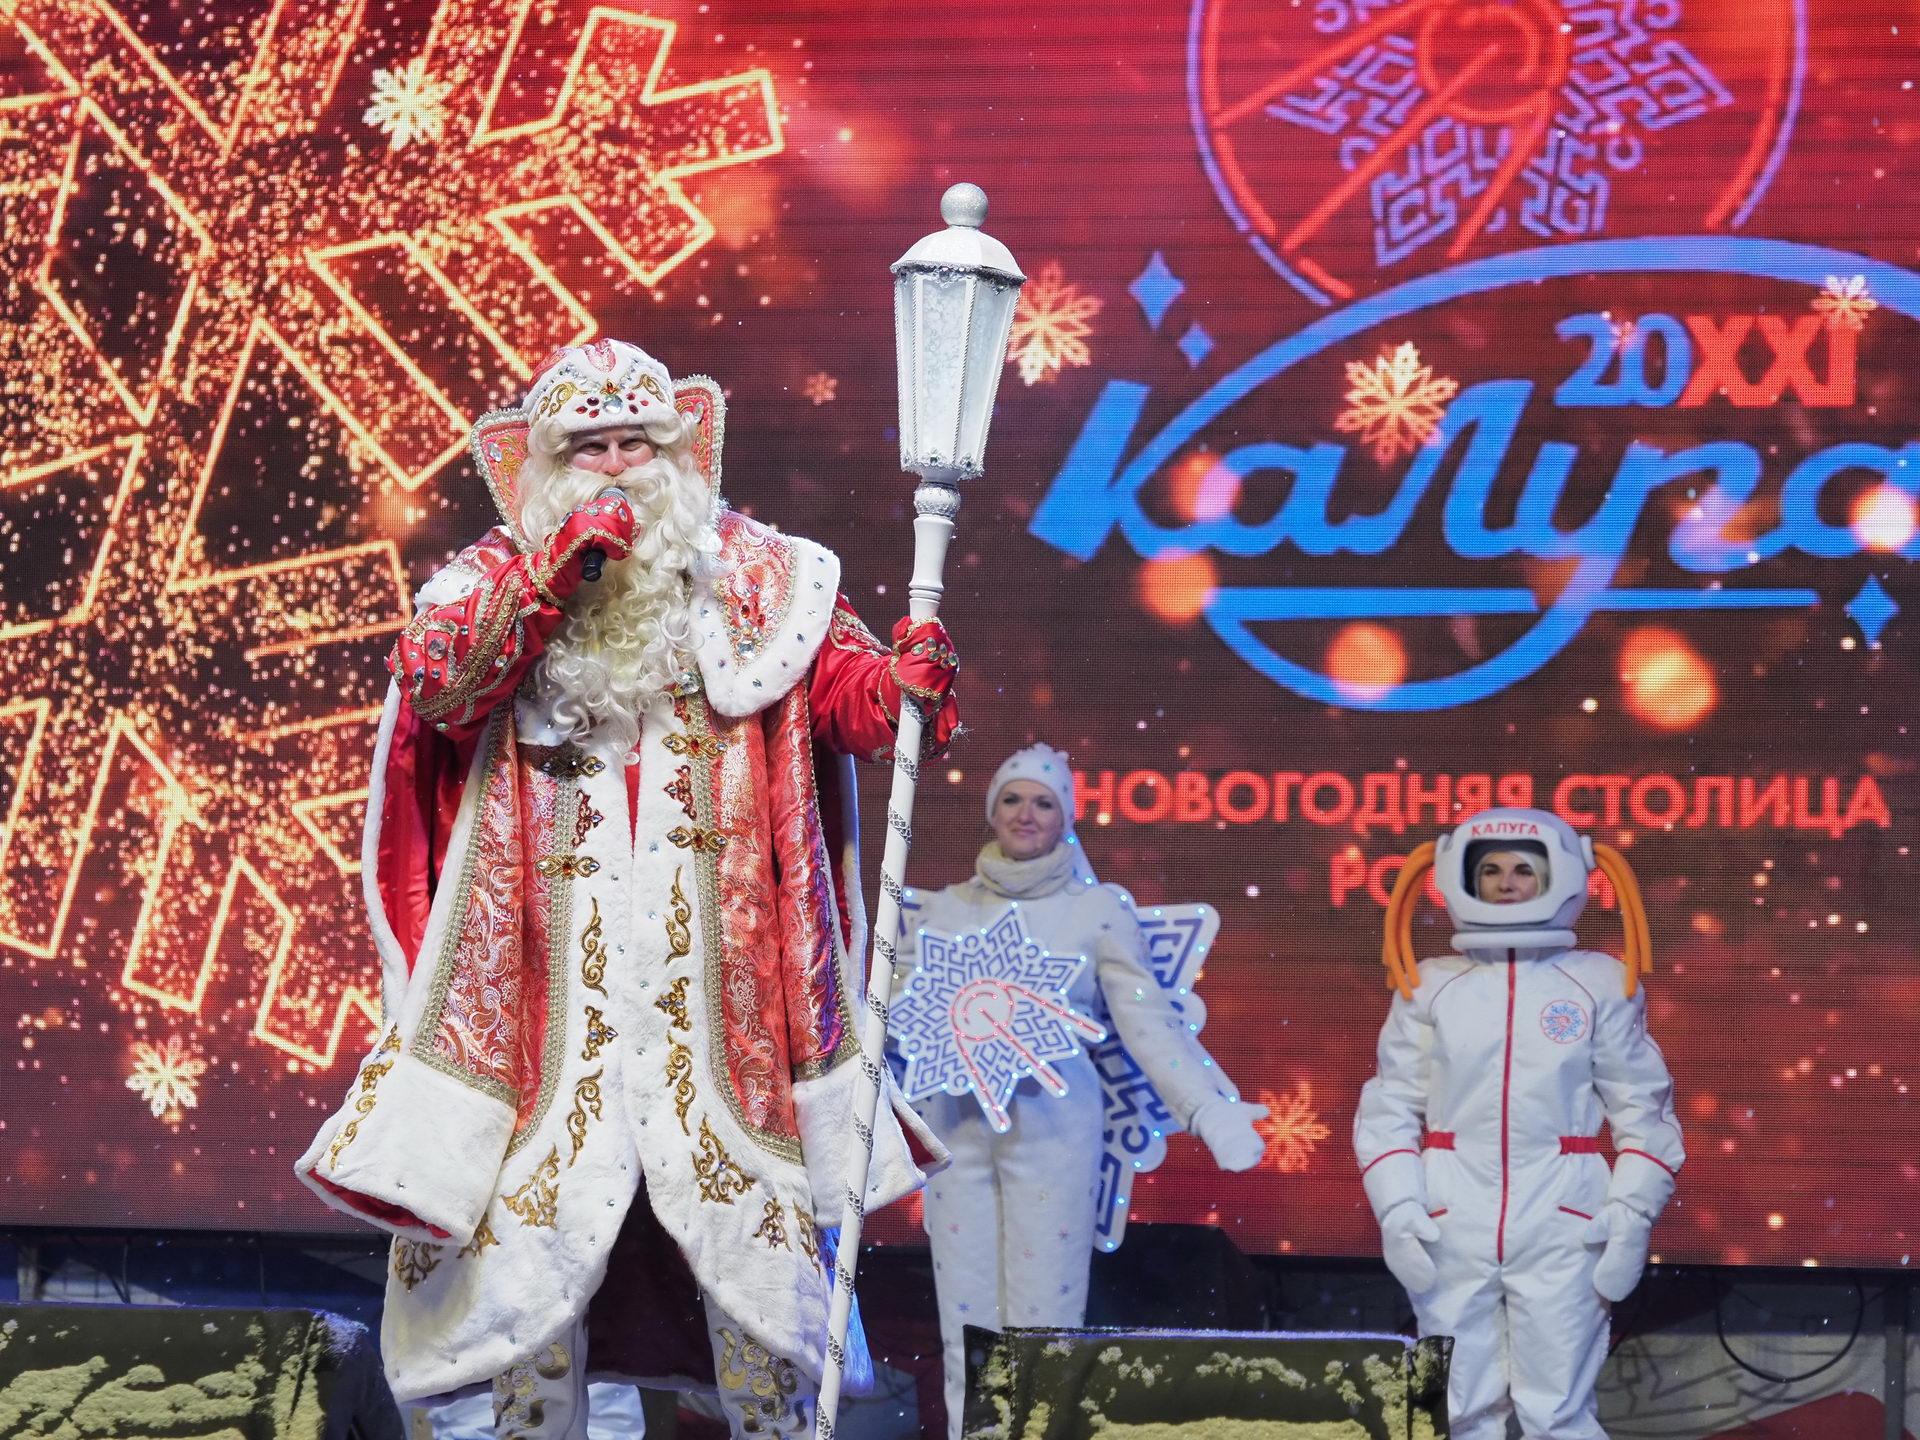 калуга новогодняя столица россии фото